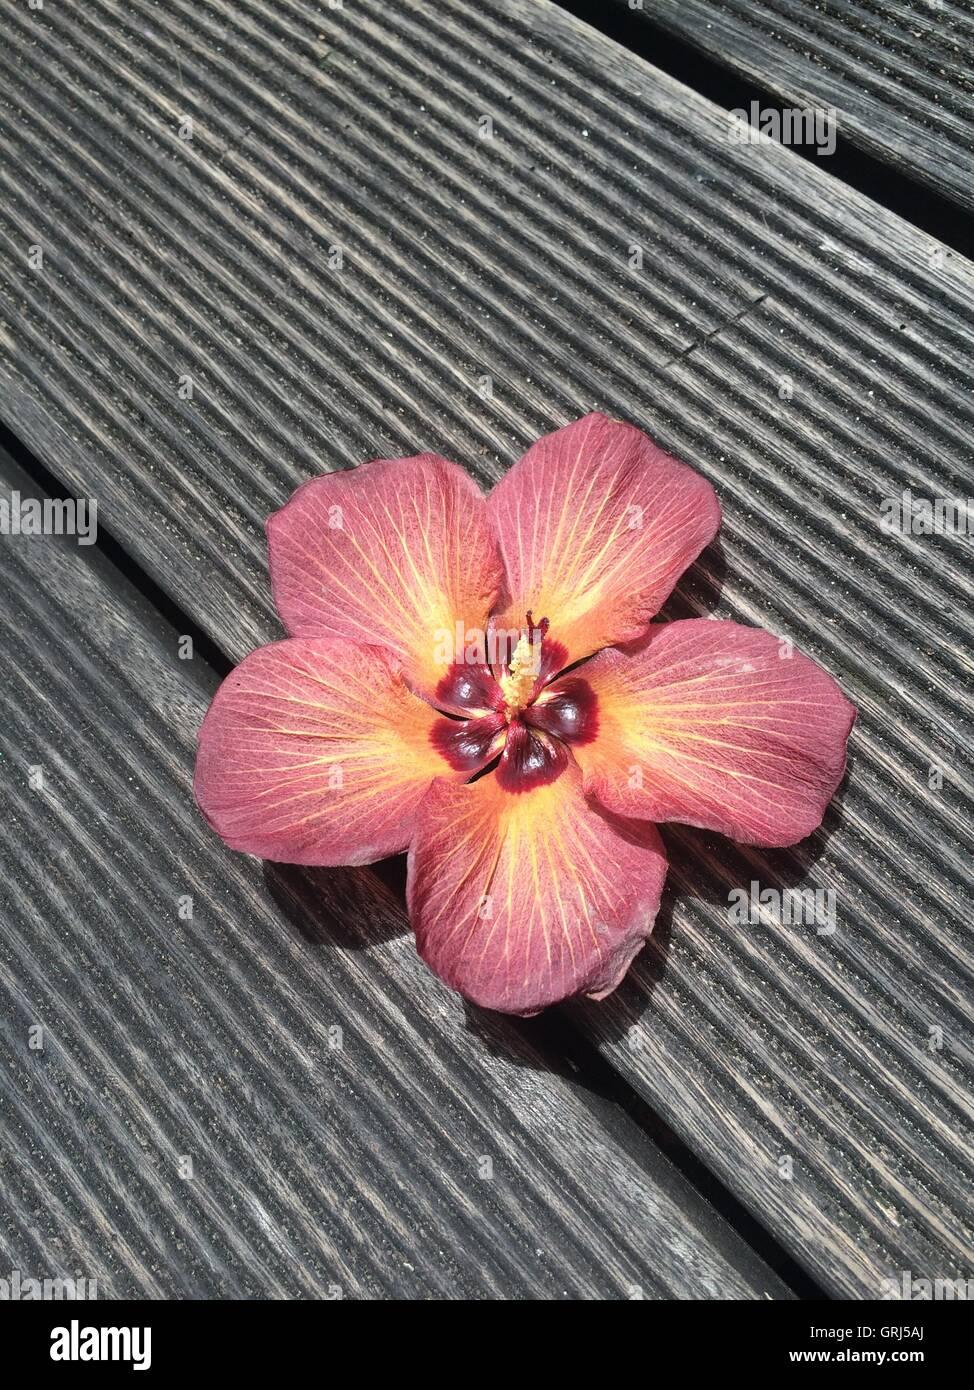 Stripey color melocotón con flor de madera Imagen De Stock